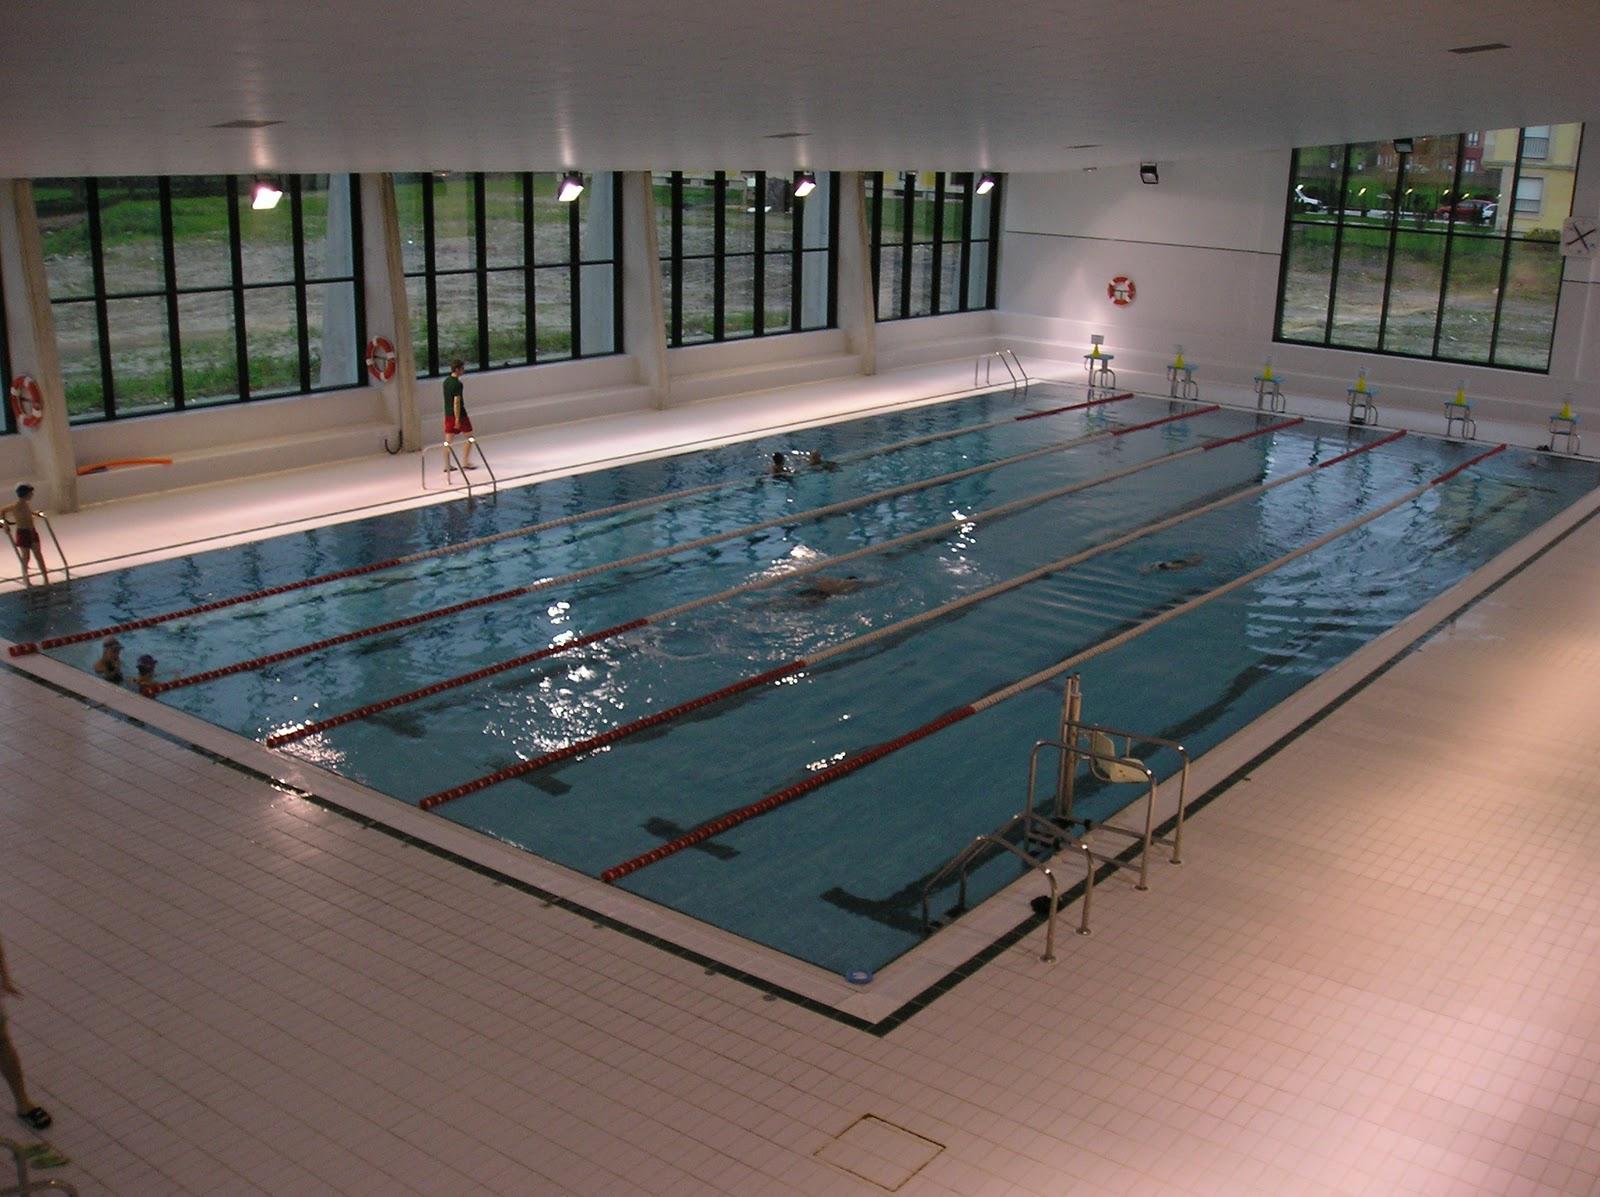 club nataci n lugones master diciembre 2011